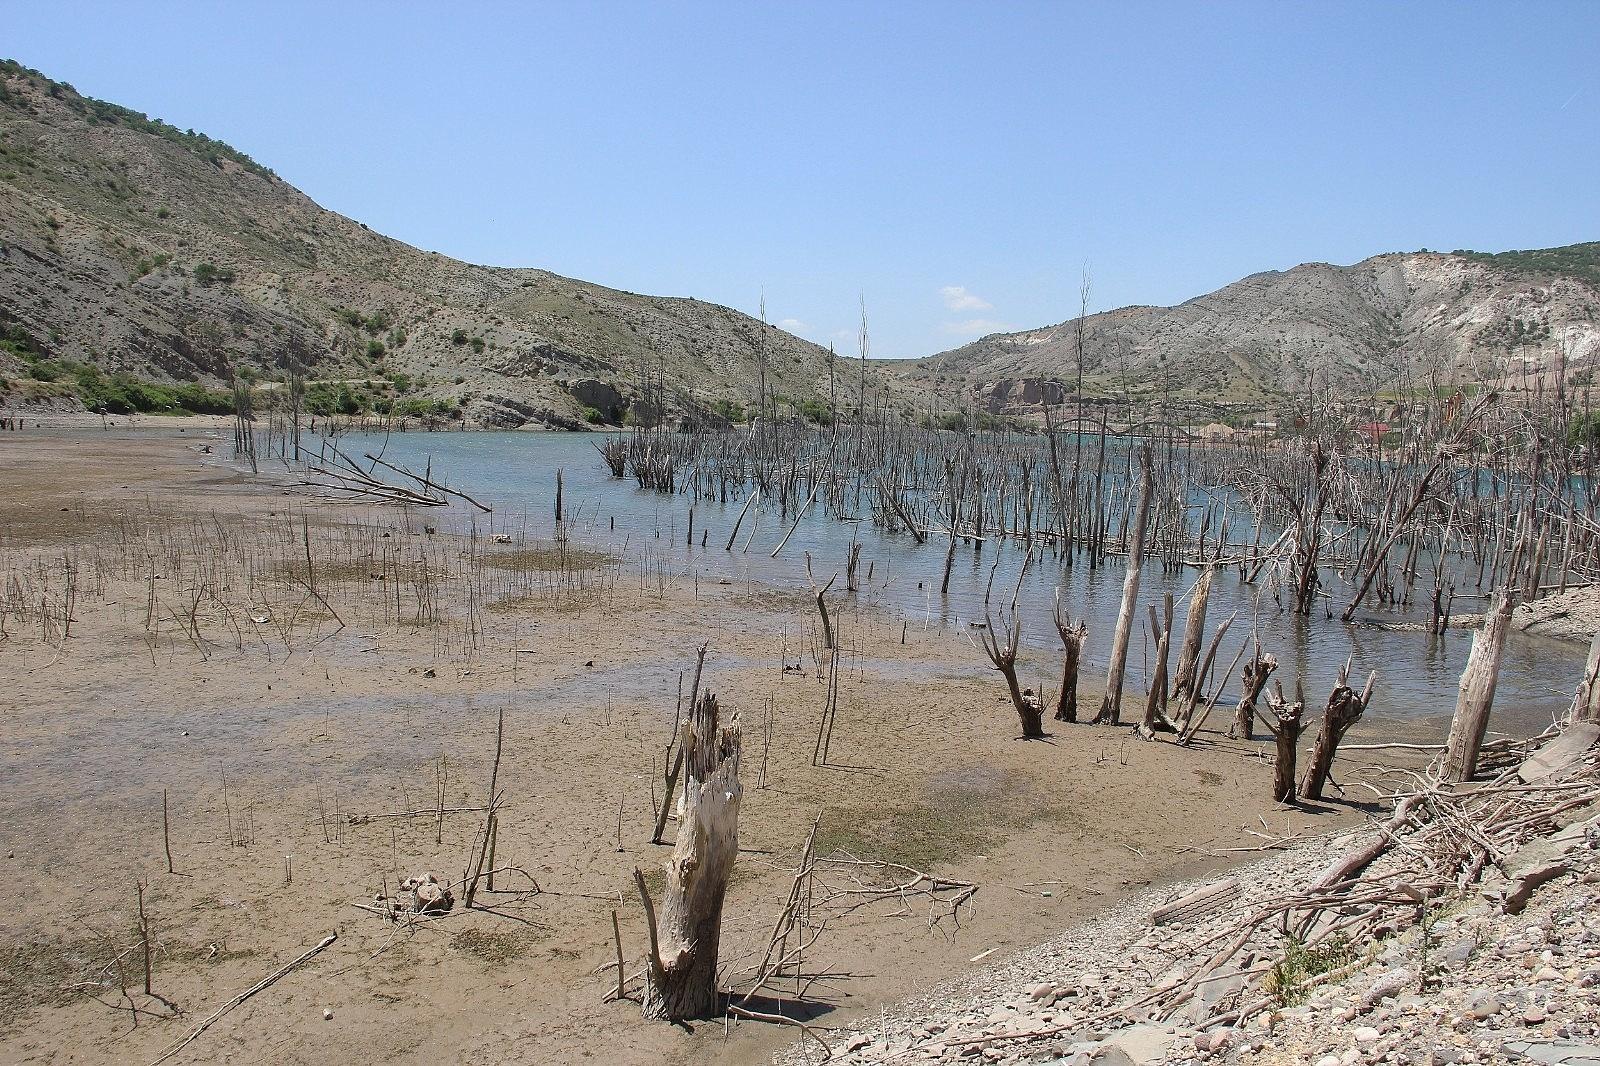 2021/06/suyu-cekilen-barajda-ilginc-goruntuler-olustu-20210601AW33-1.jpg